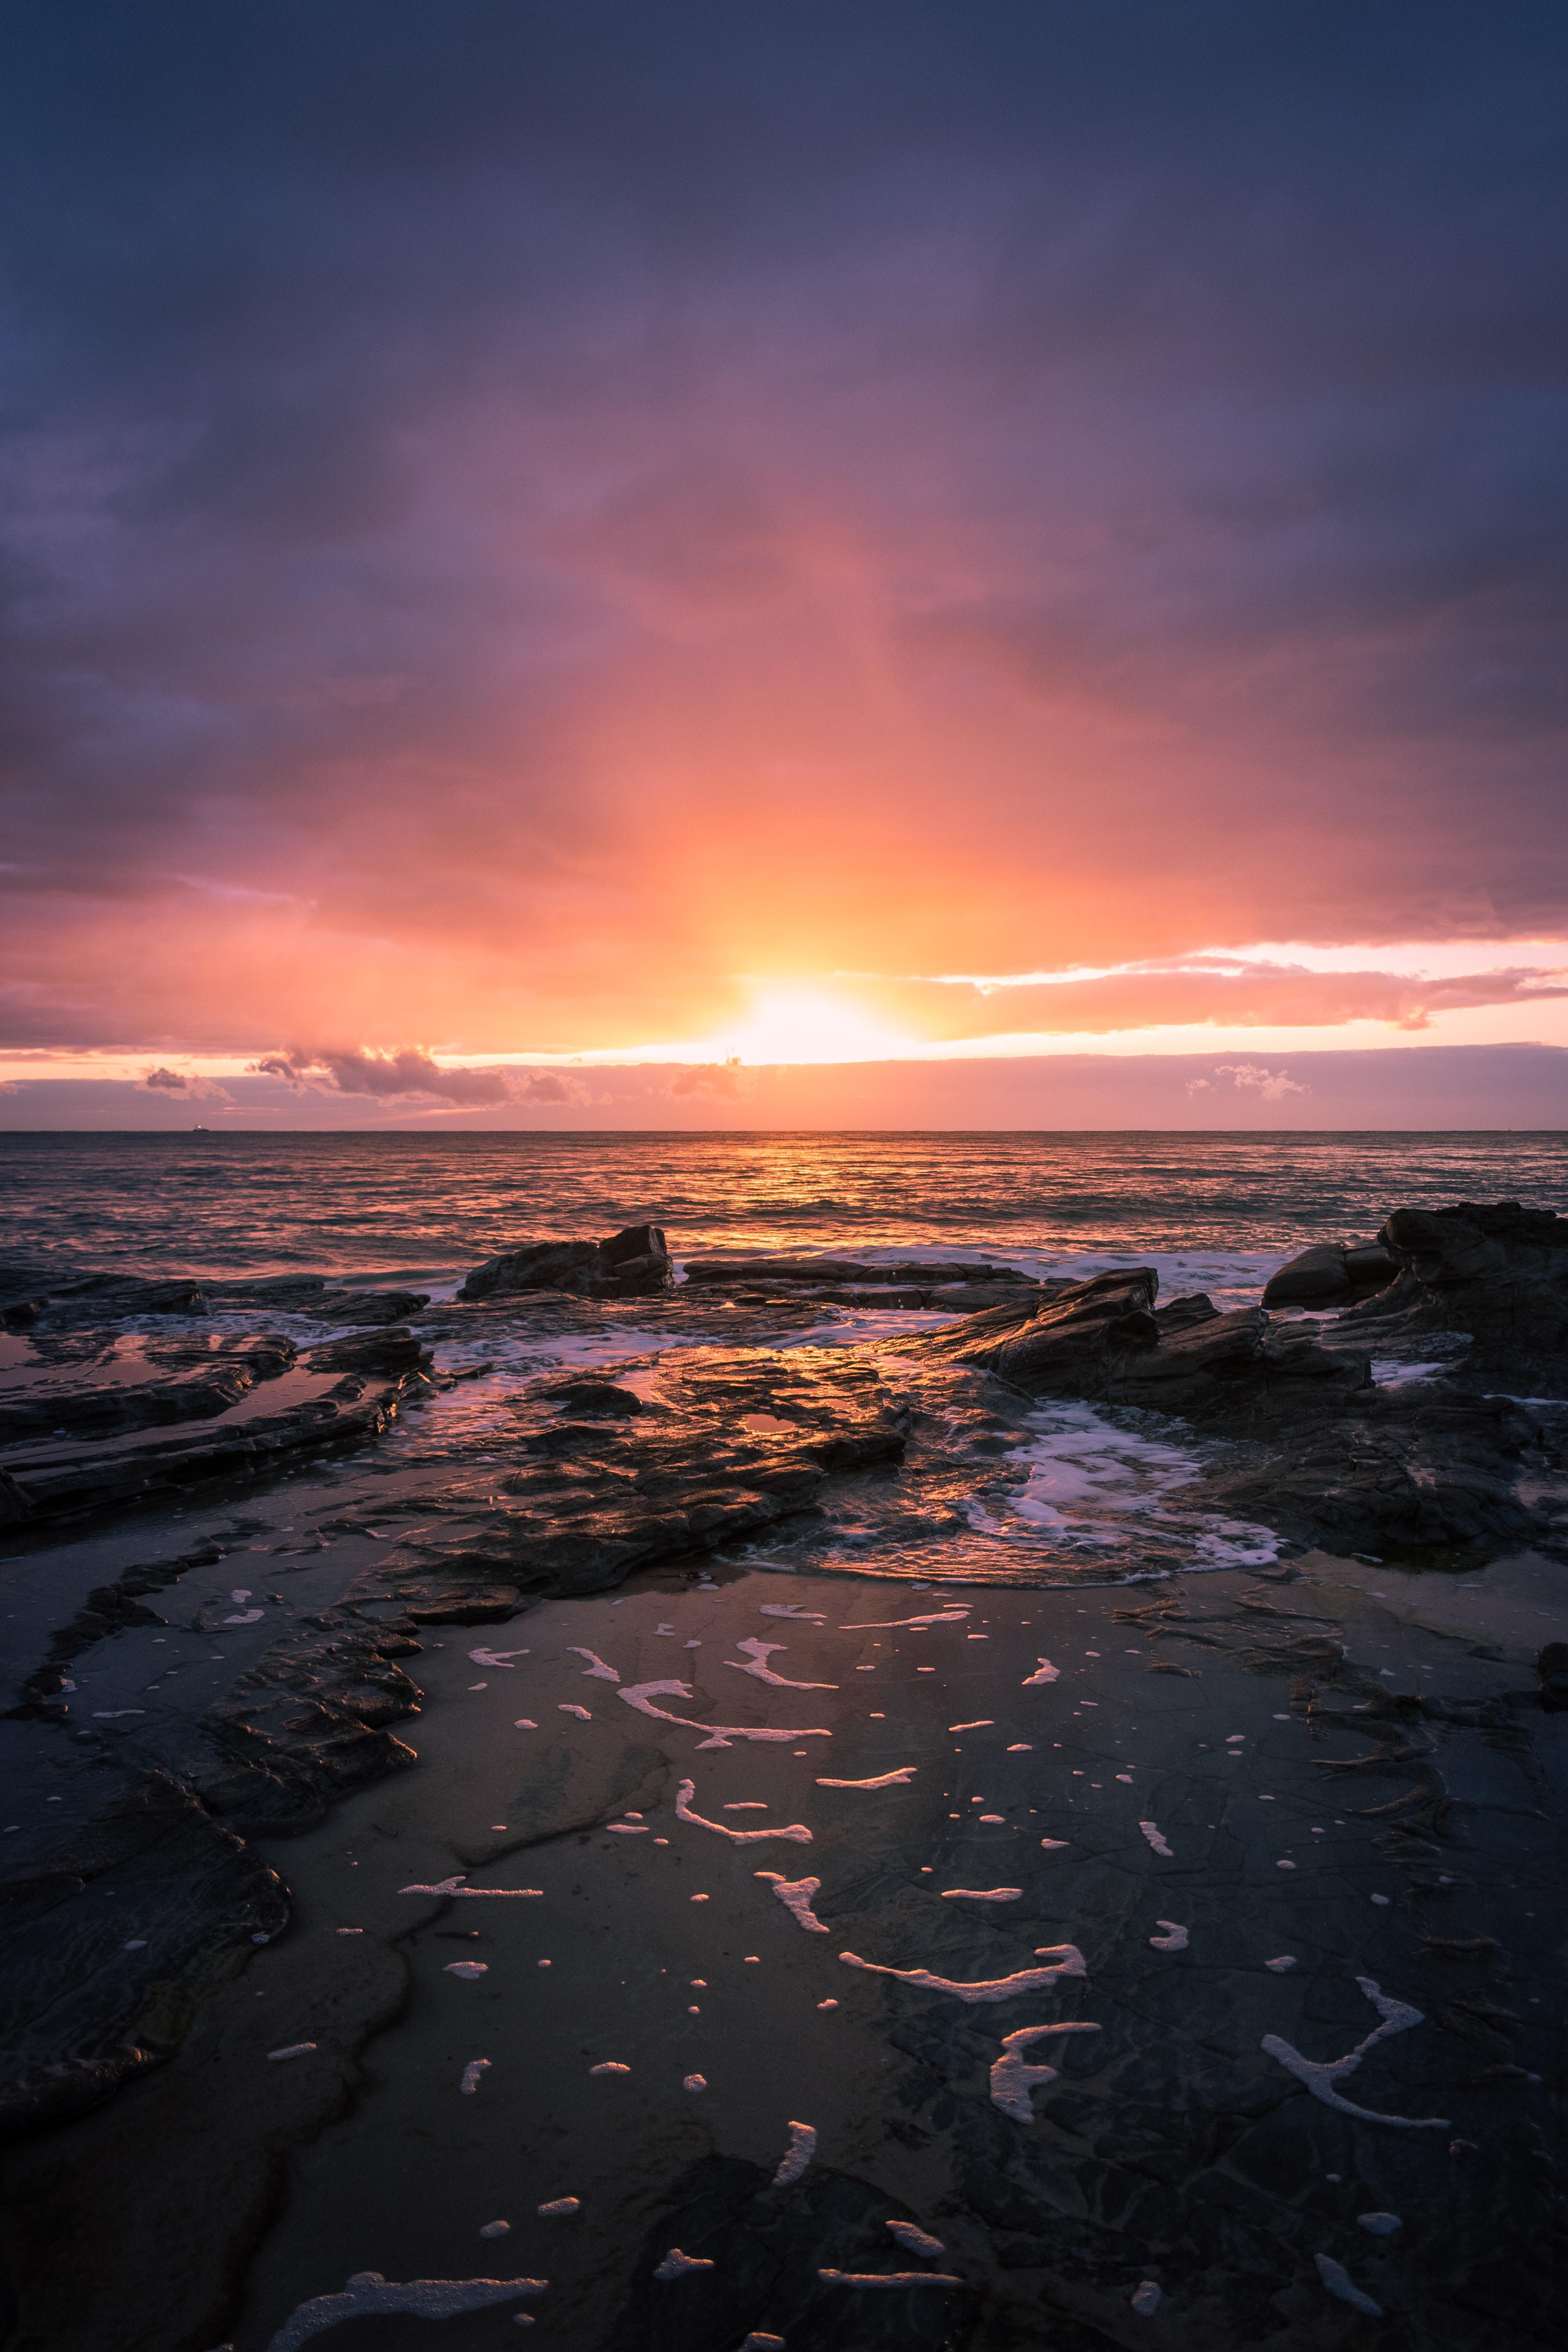 103054 Hintergrundbild herunterladen Landschaft, Natur, Sunset, Sea, Felsen, Rock, Horizont - Bildschirmschoner und Bilder kostenlos